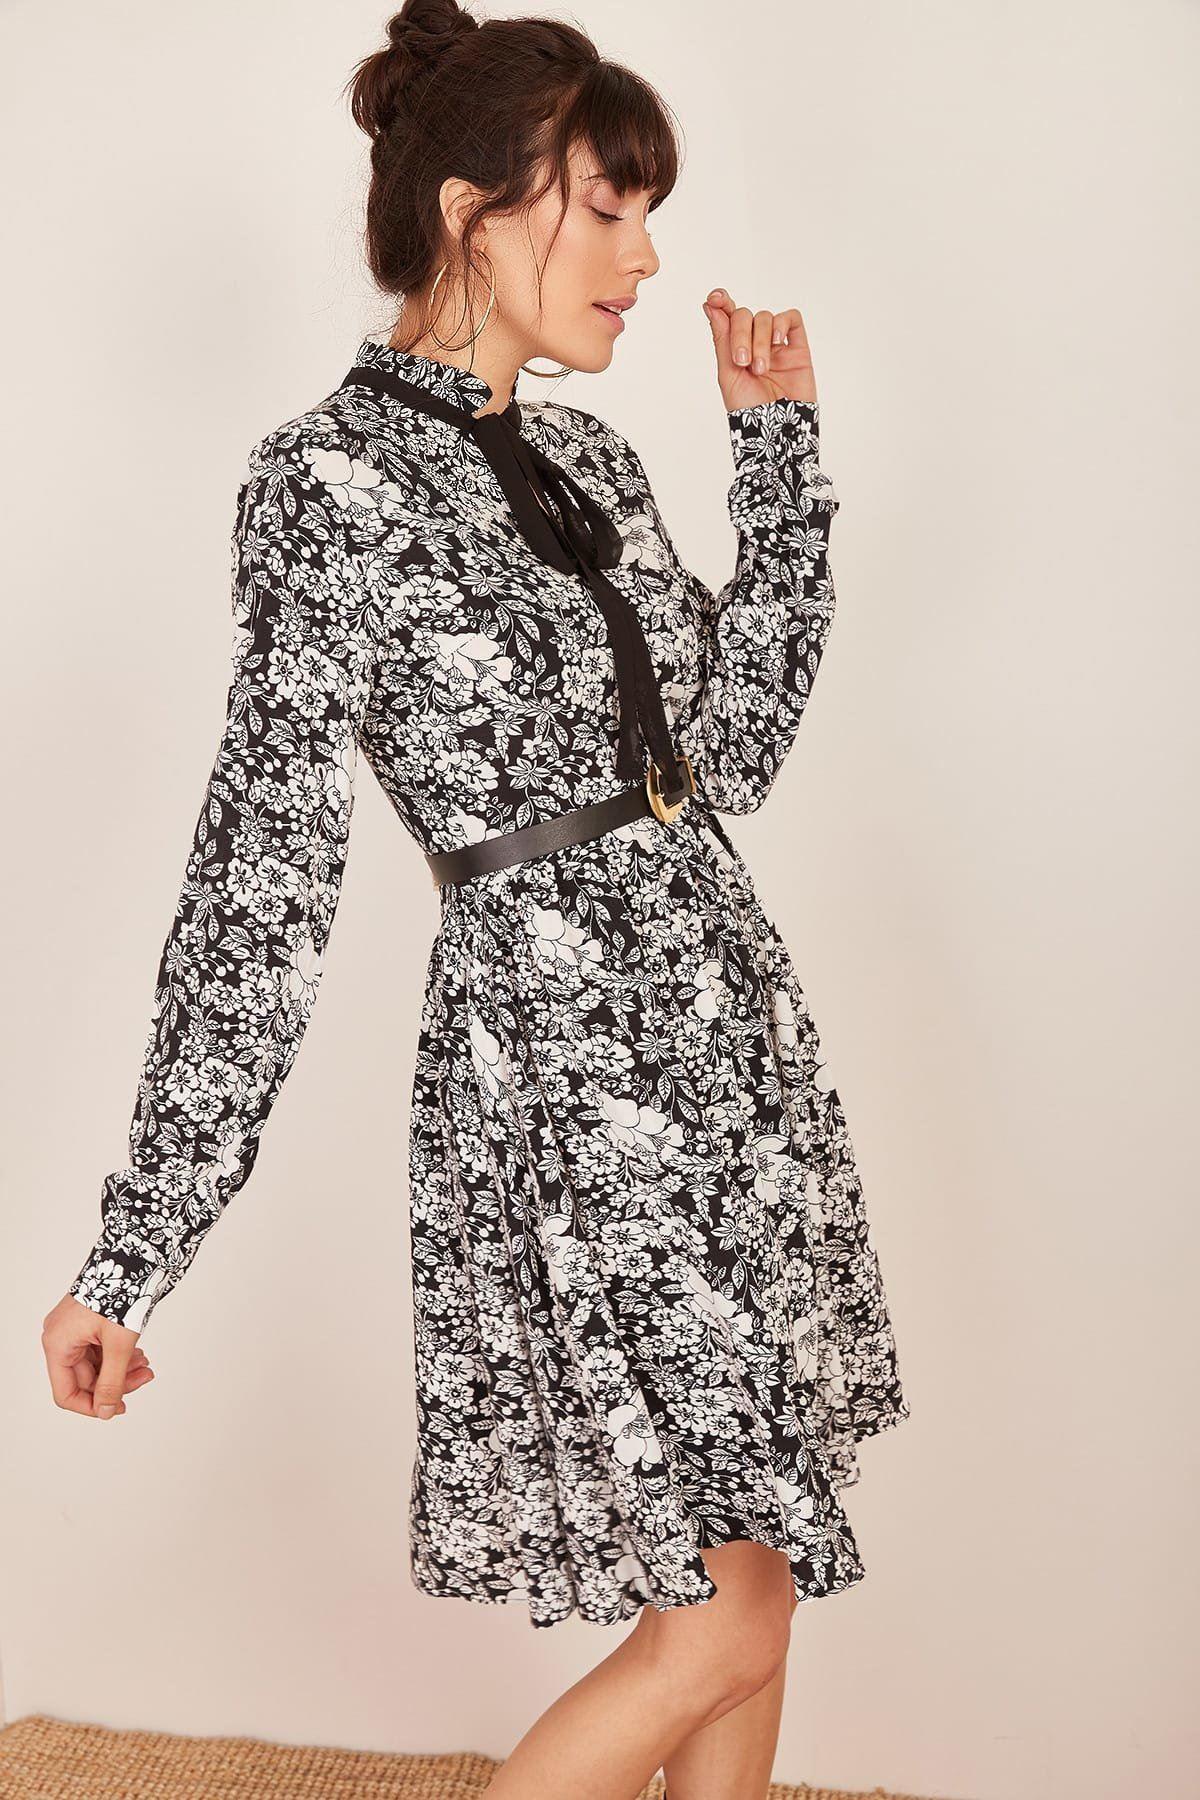 Siyah Yakası Bağlamalı Çiçek Desenli Elbise